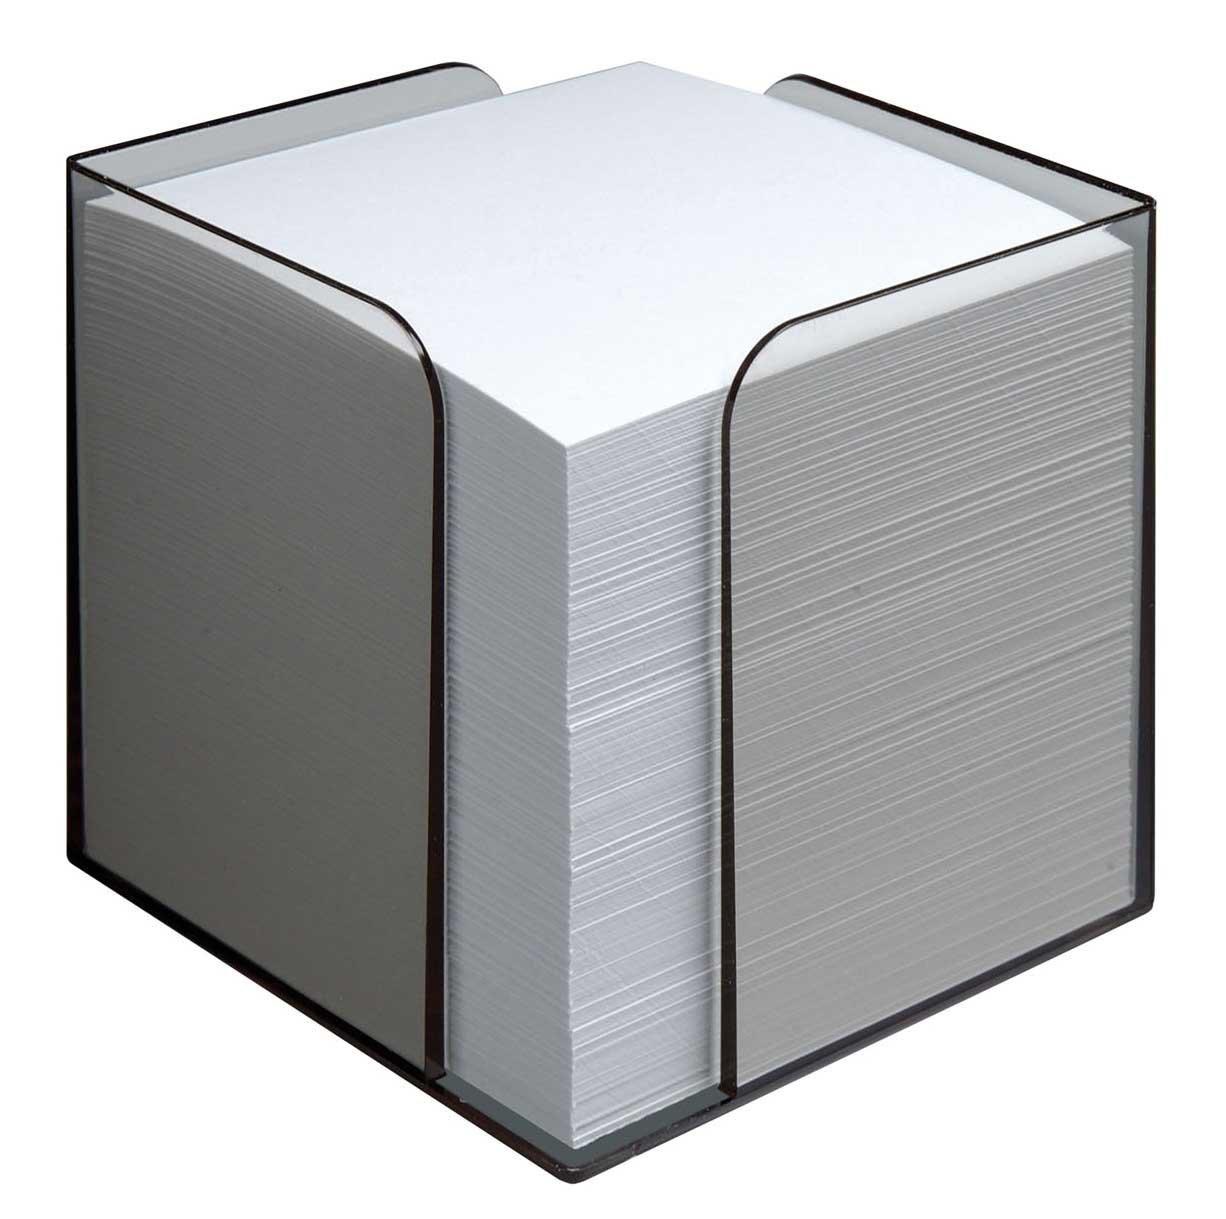 Jalema 2299170000 - Cubo con foglietti, circa 850 foglietti di carta senza legno da 80 g/mq inclusi nella confezione, struttura in polistirolo, trasparente